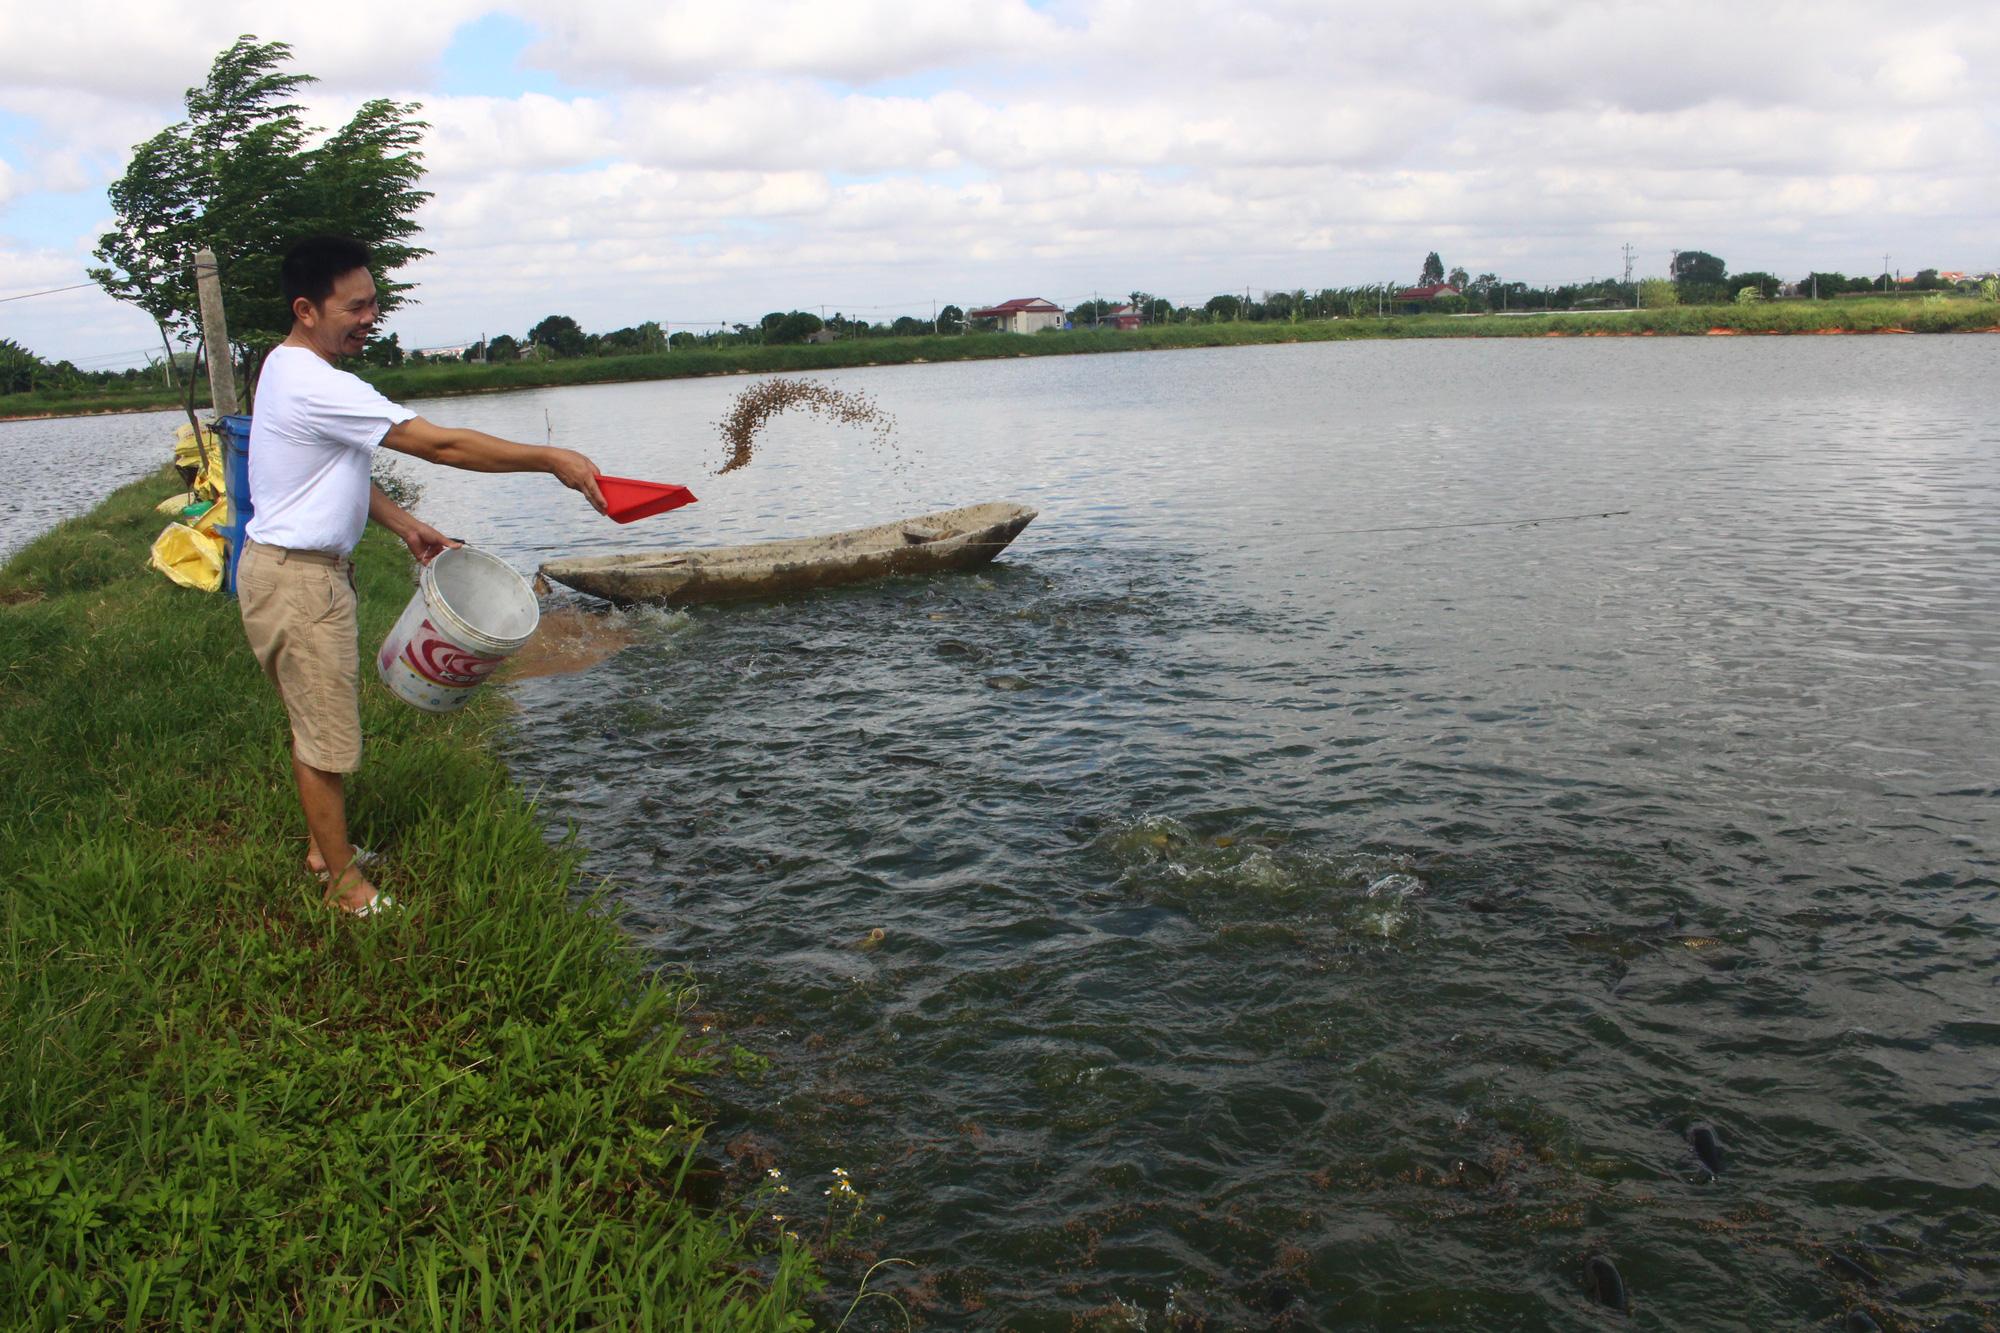 Biết nghề, nông dân Hải Dương nuôi cá lãi cao - Ảnh 1.